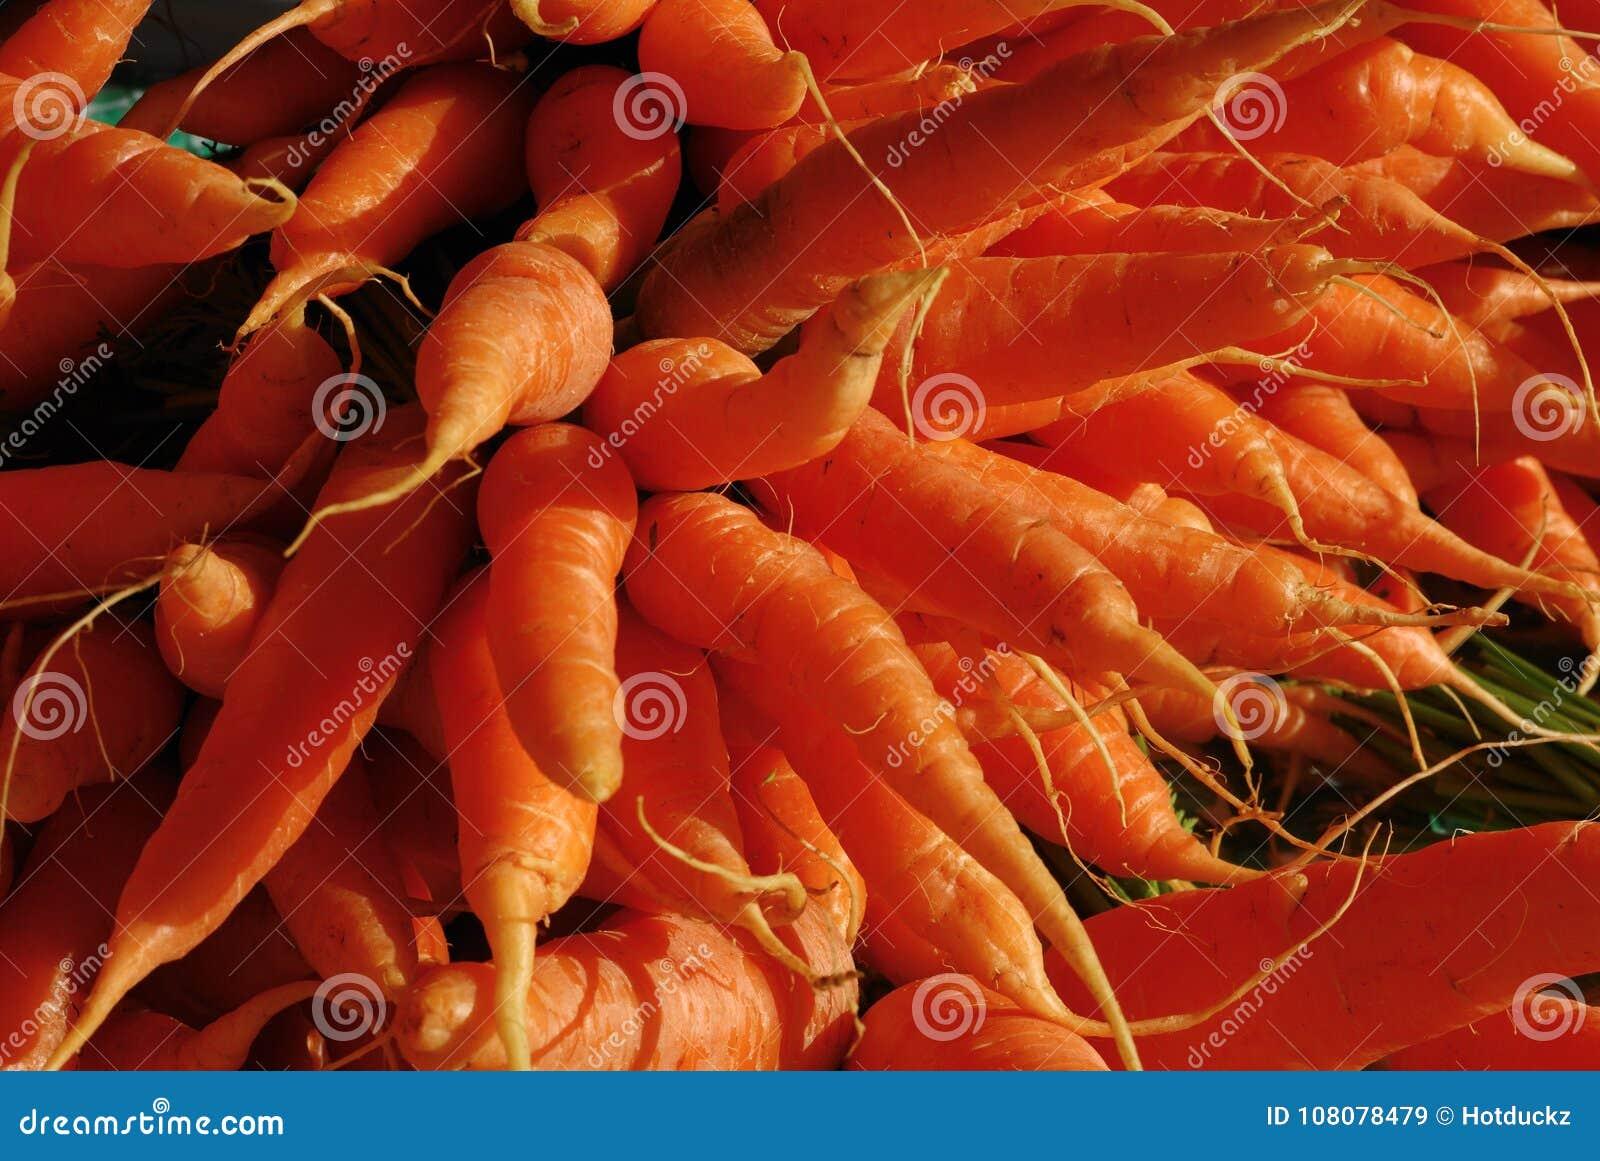 Verse groente, wortel, in de markt